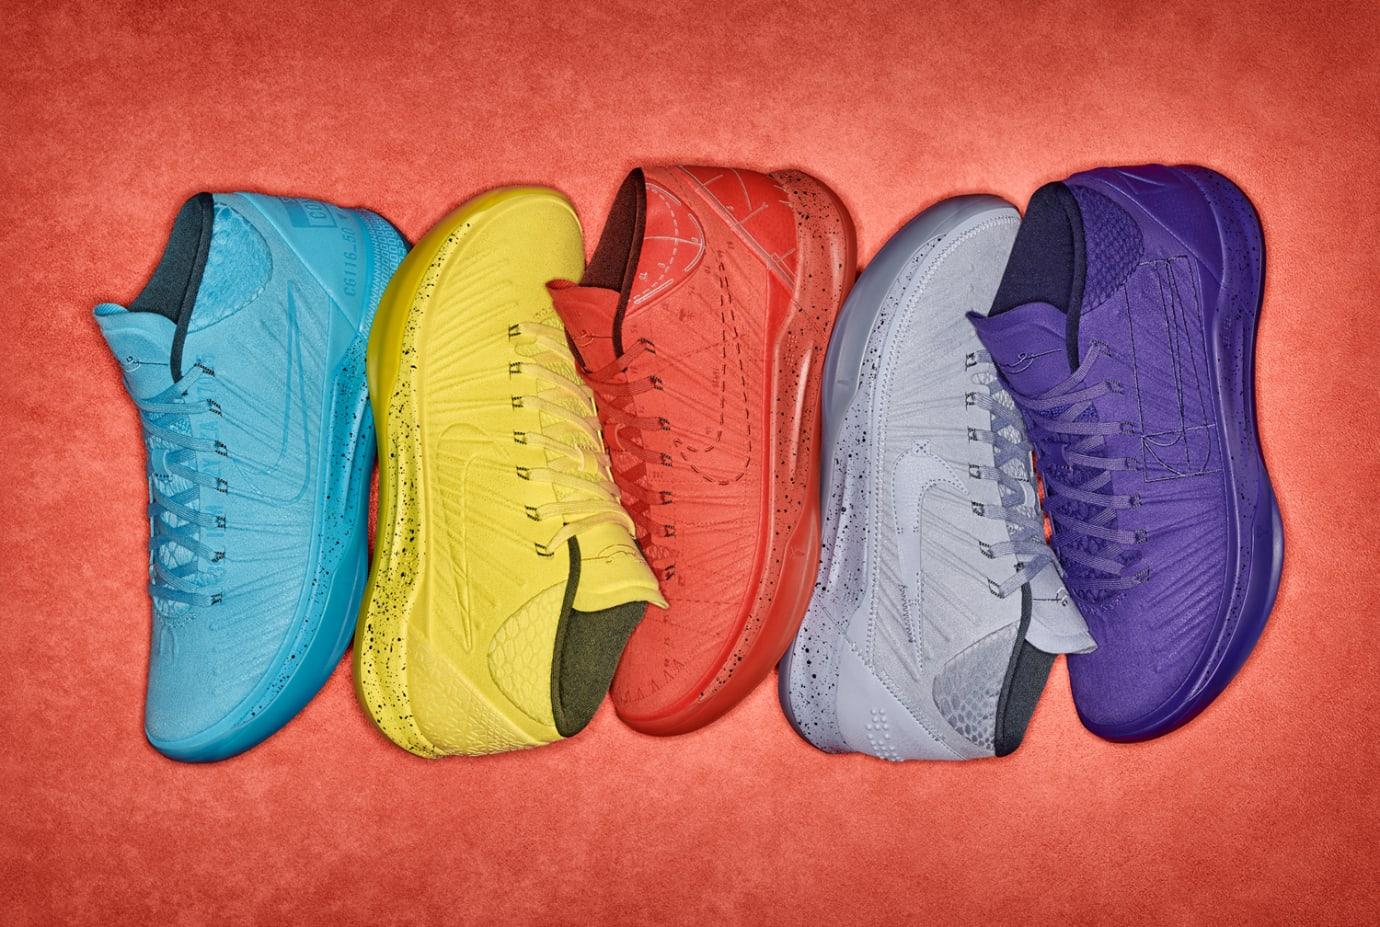 Nike Kobe AD Mid Mamba Mentality